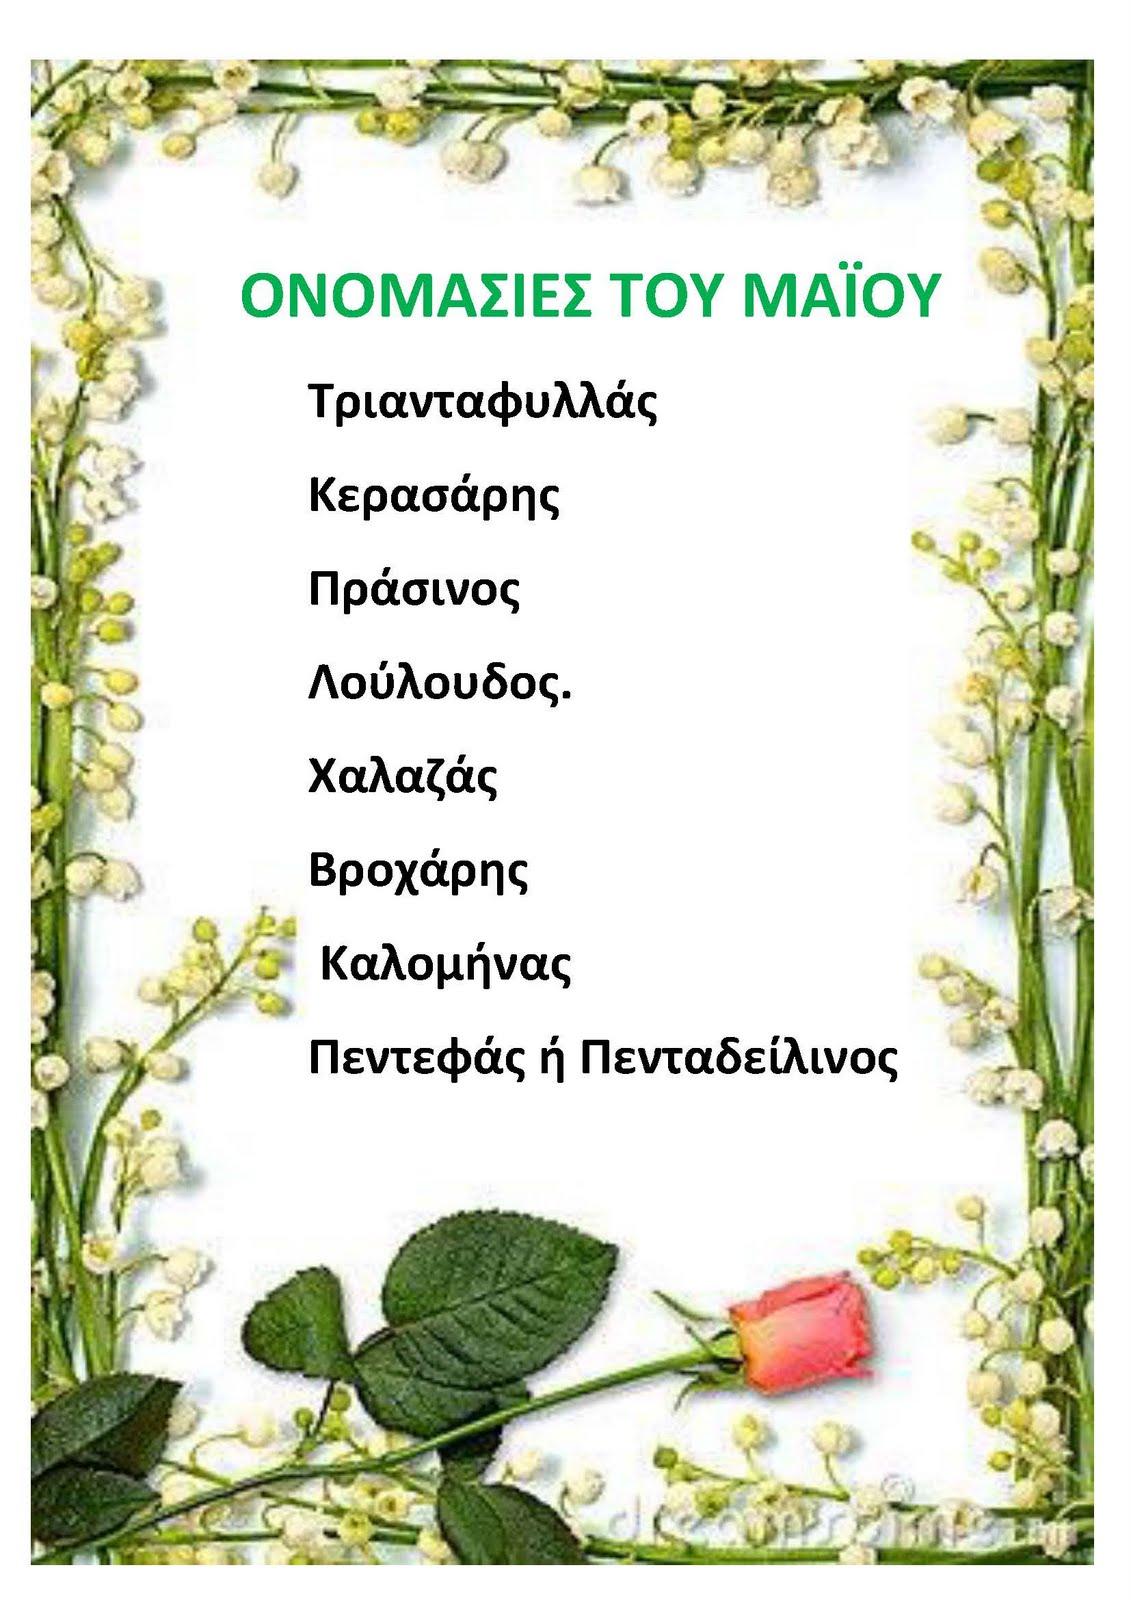 ΜΑΙΟΣ_Σελίδα_07